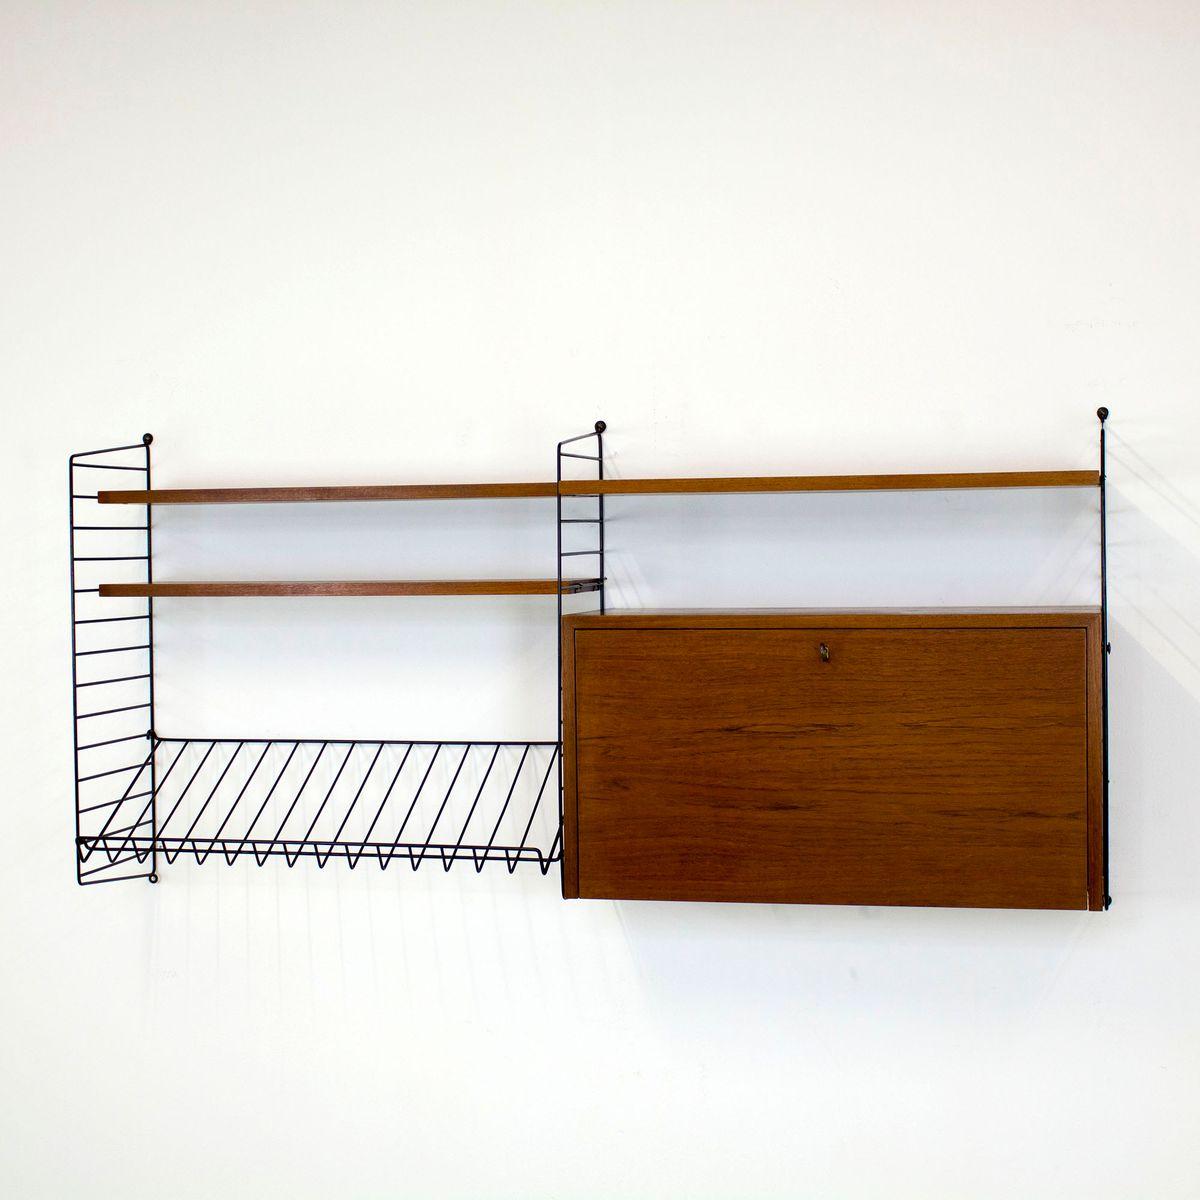 teak wandregal mit barfach von nisse strinning f r string 1960er bei pamono kaufen. Black Bedroom Furniture Sets. Home Design Ideas